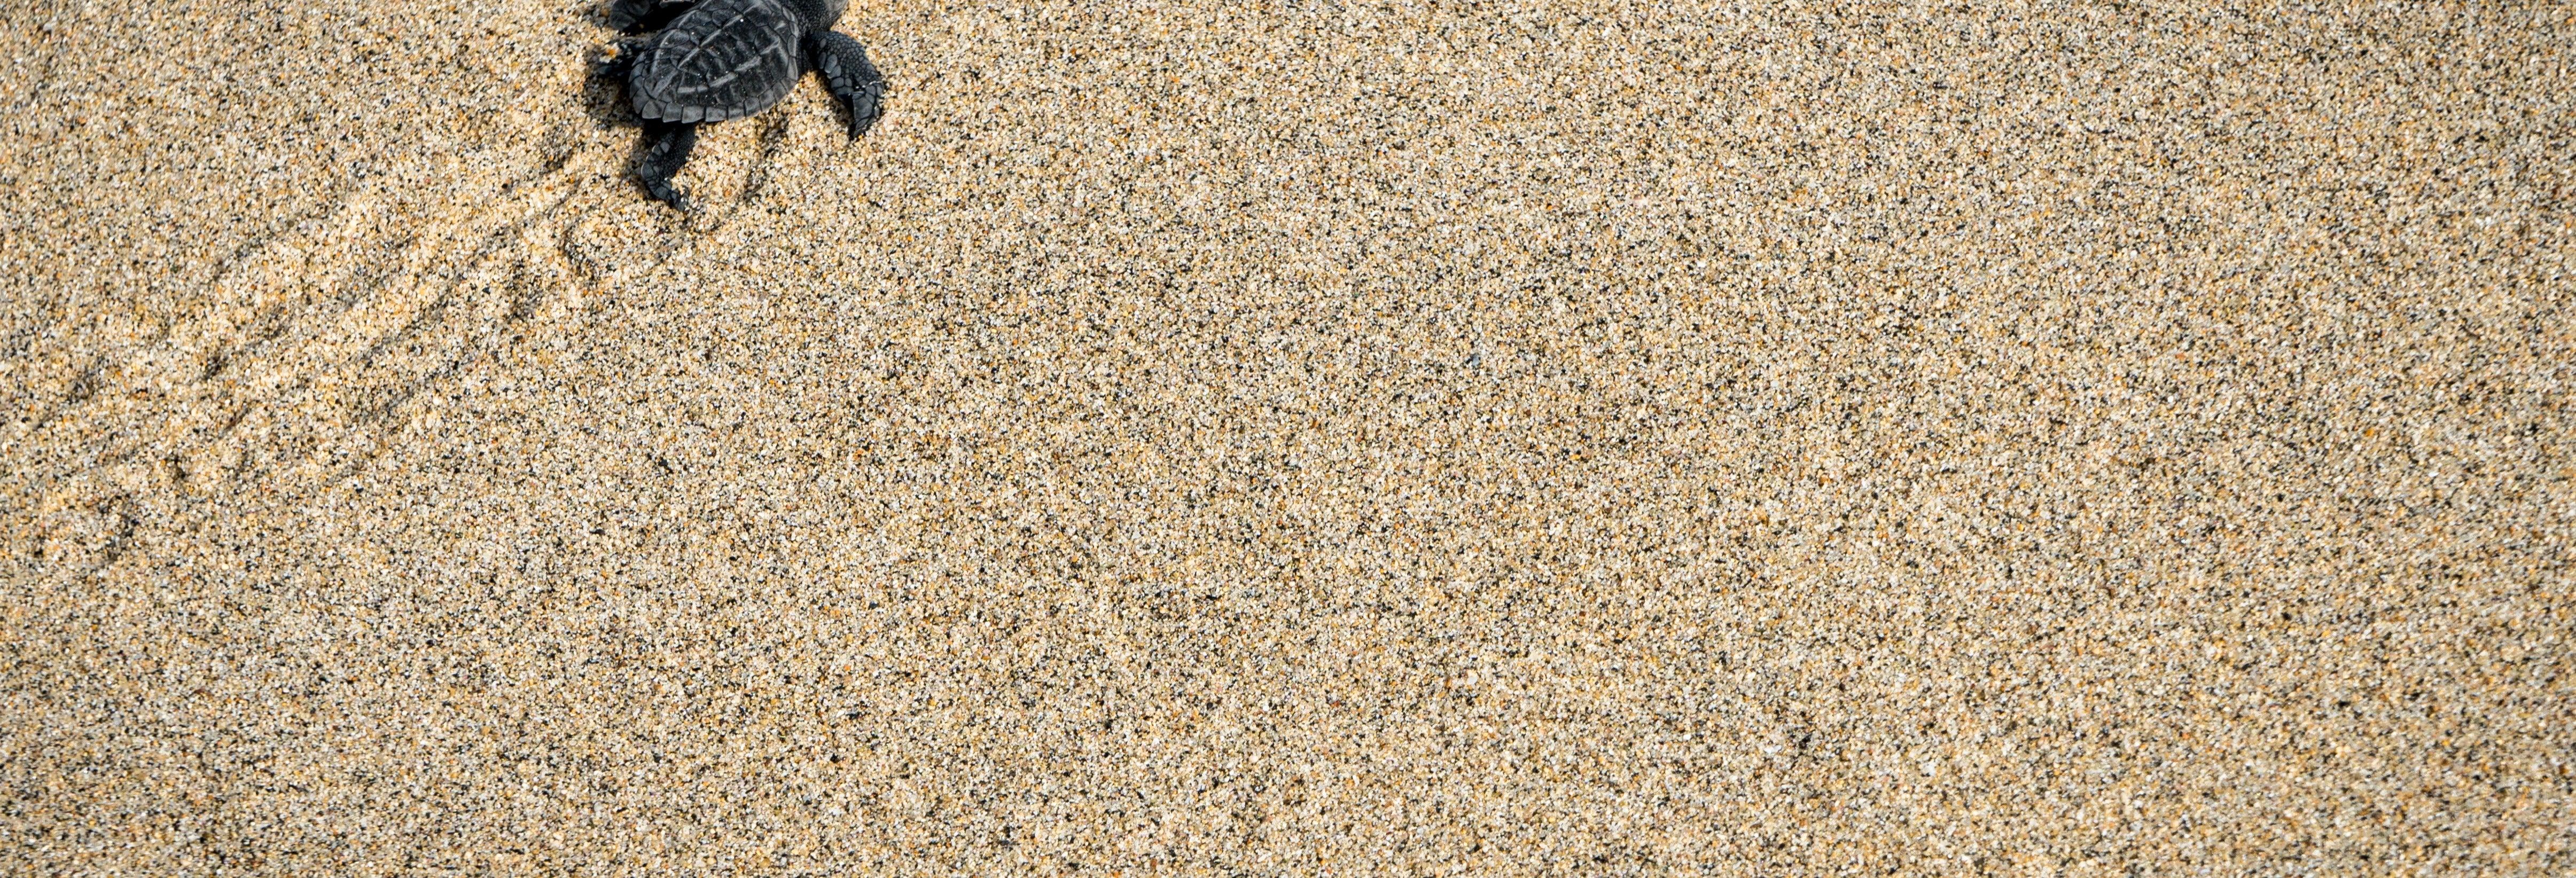 Puerto Escondido Turtle Release